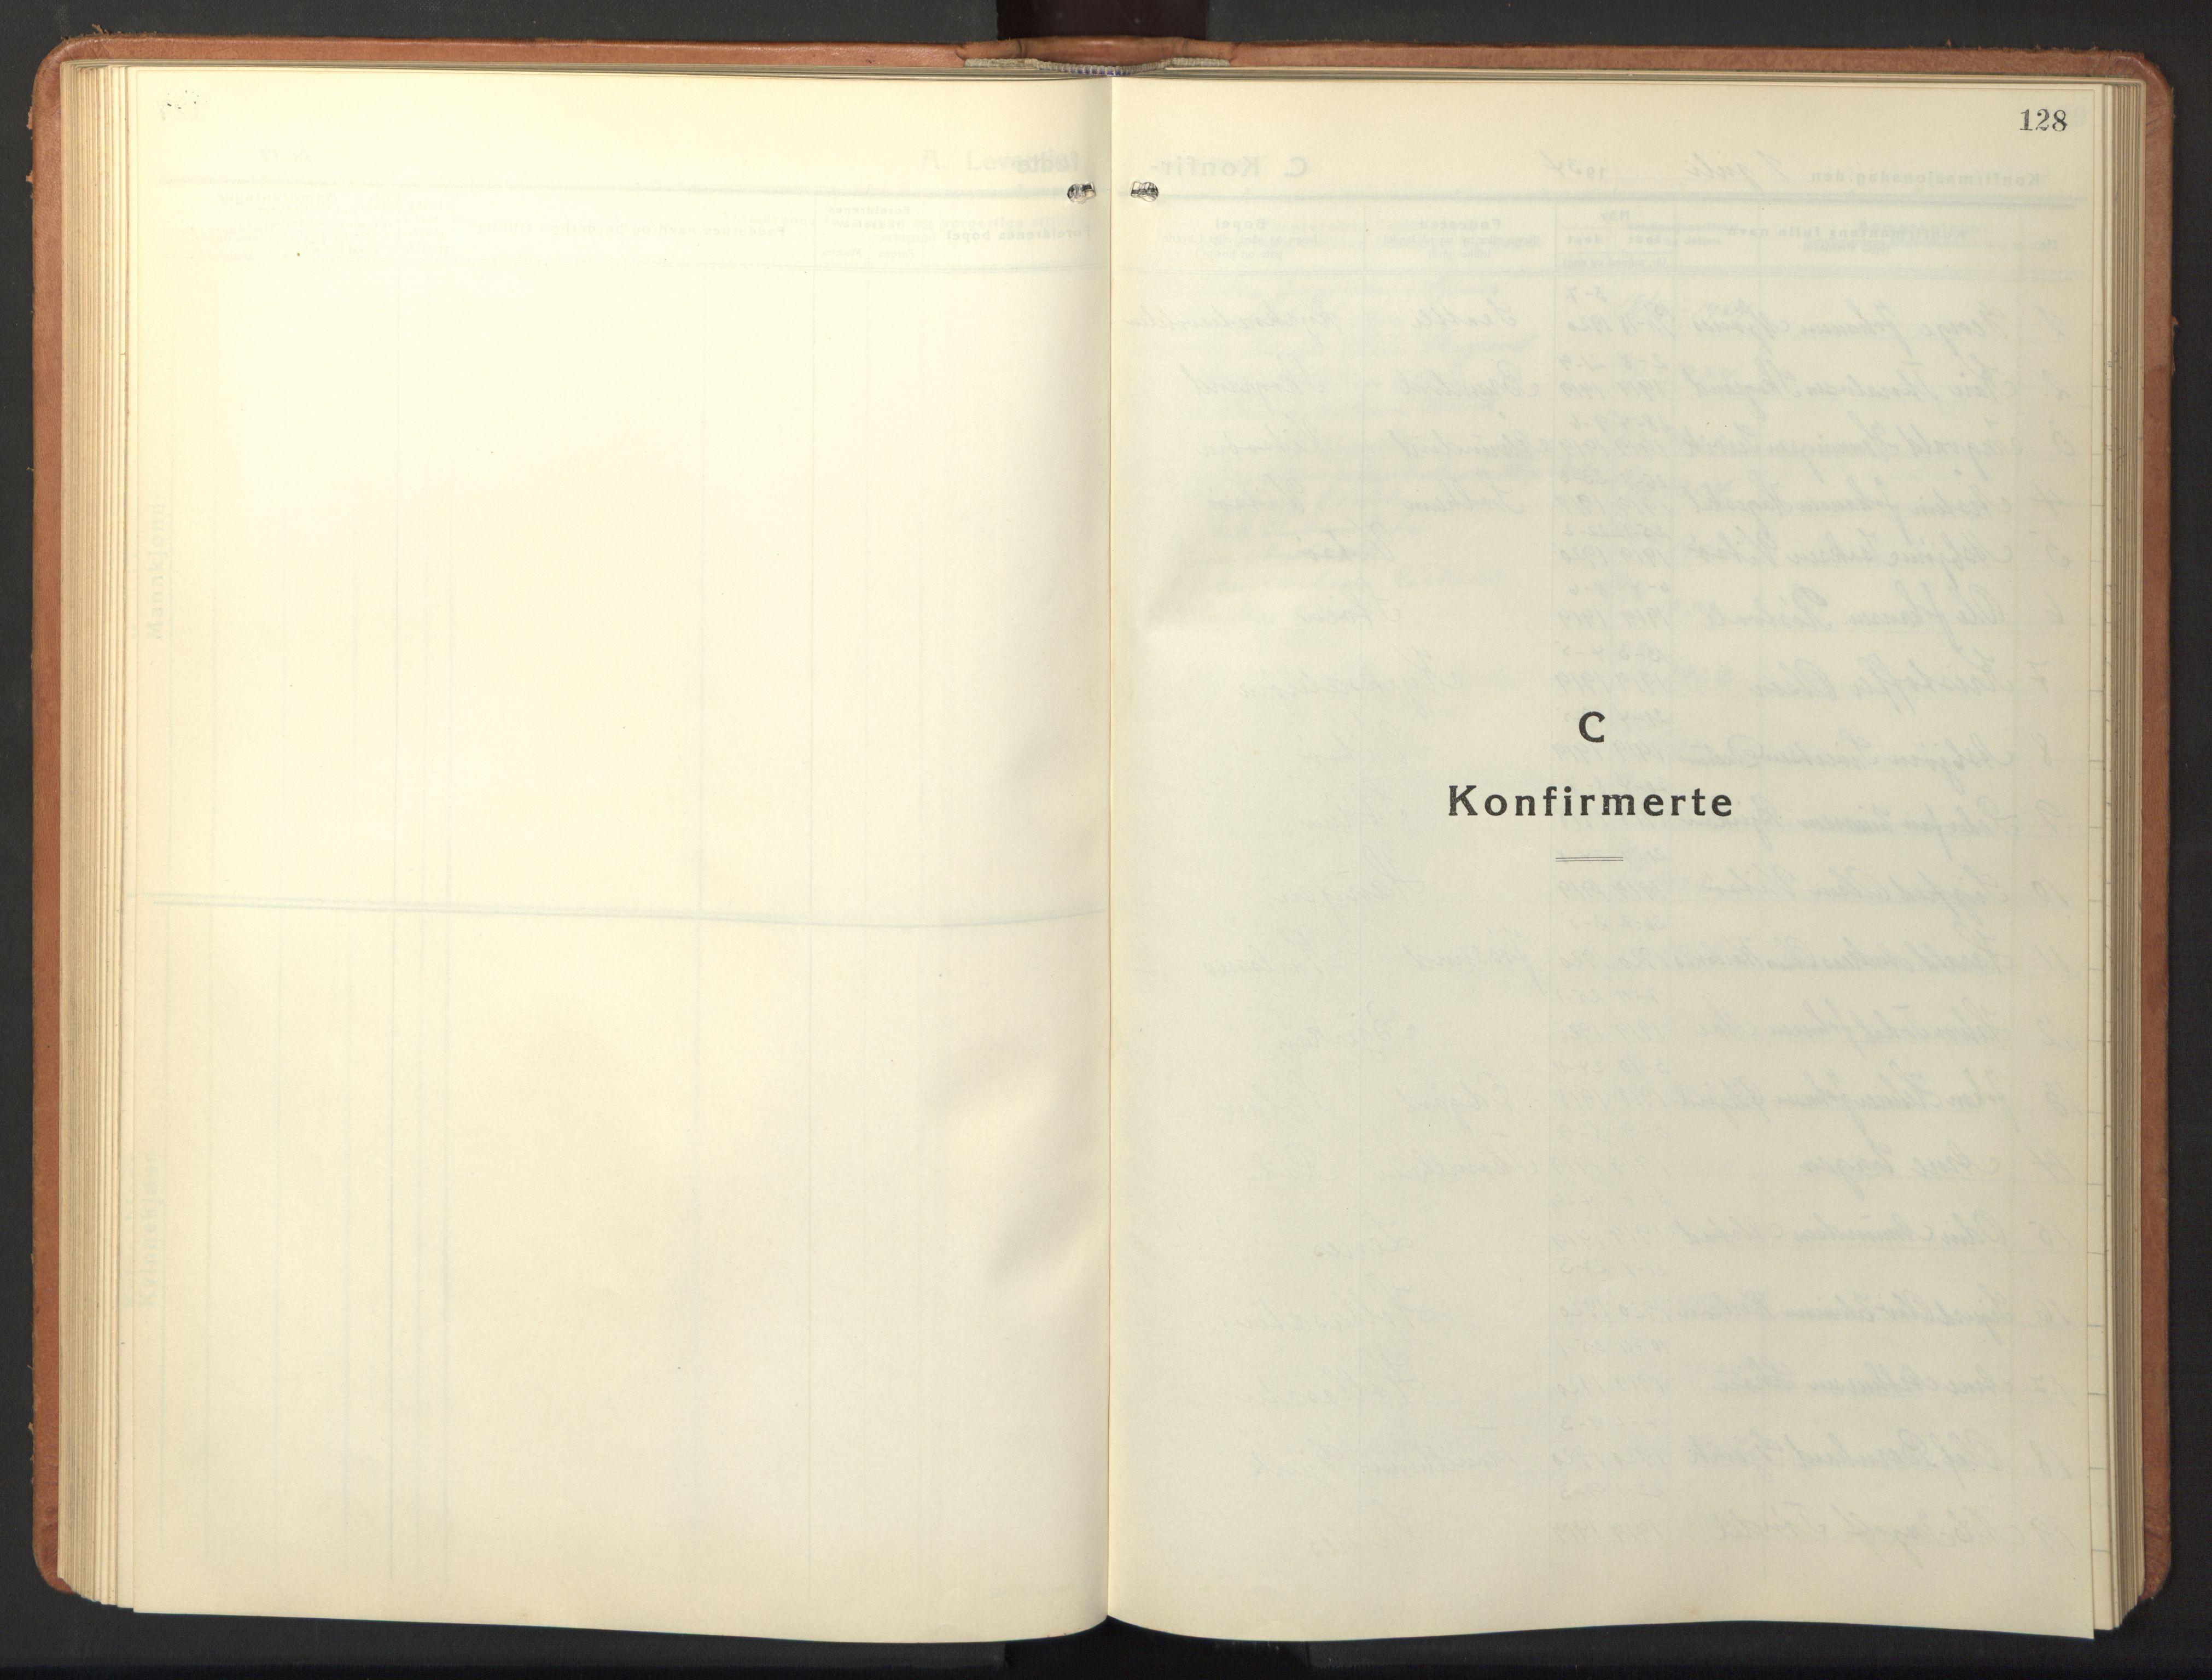 SAT, Ministerialprotokoller, klokkerbøker og fødselsregistre - Sør-Trøndelag, 630/L0508: Klokkerbok nr. 630C06, 1933-1950, s. 128